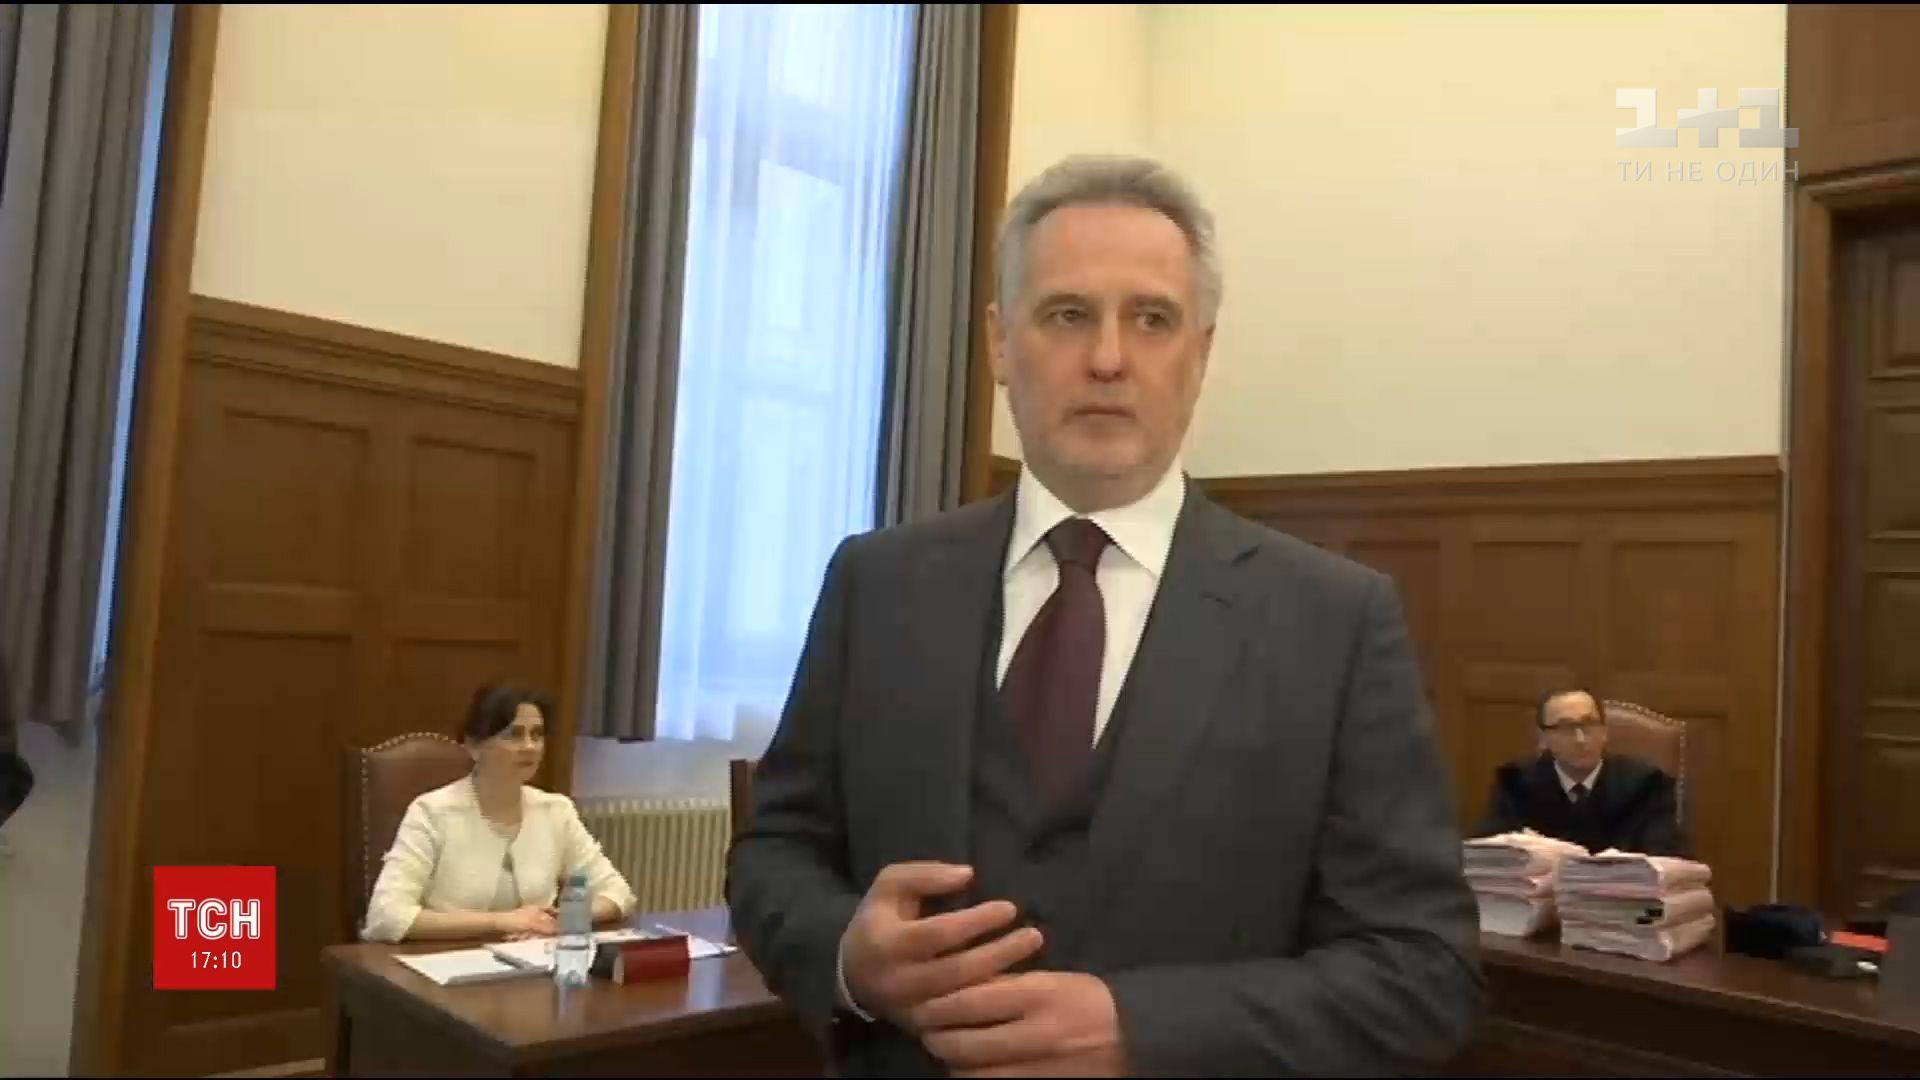 Венский суд вынес решение на испанский запрос на экстрадицию Фирташа /